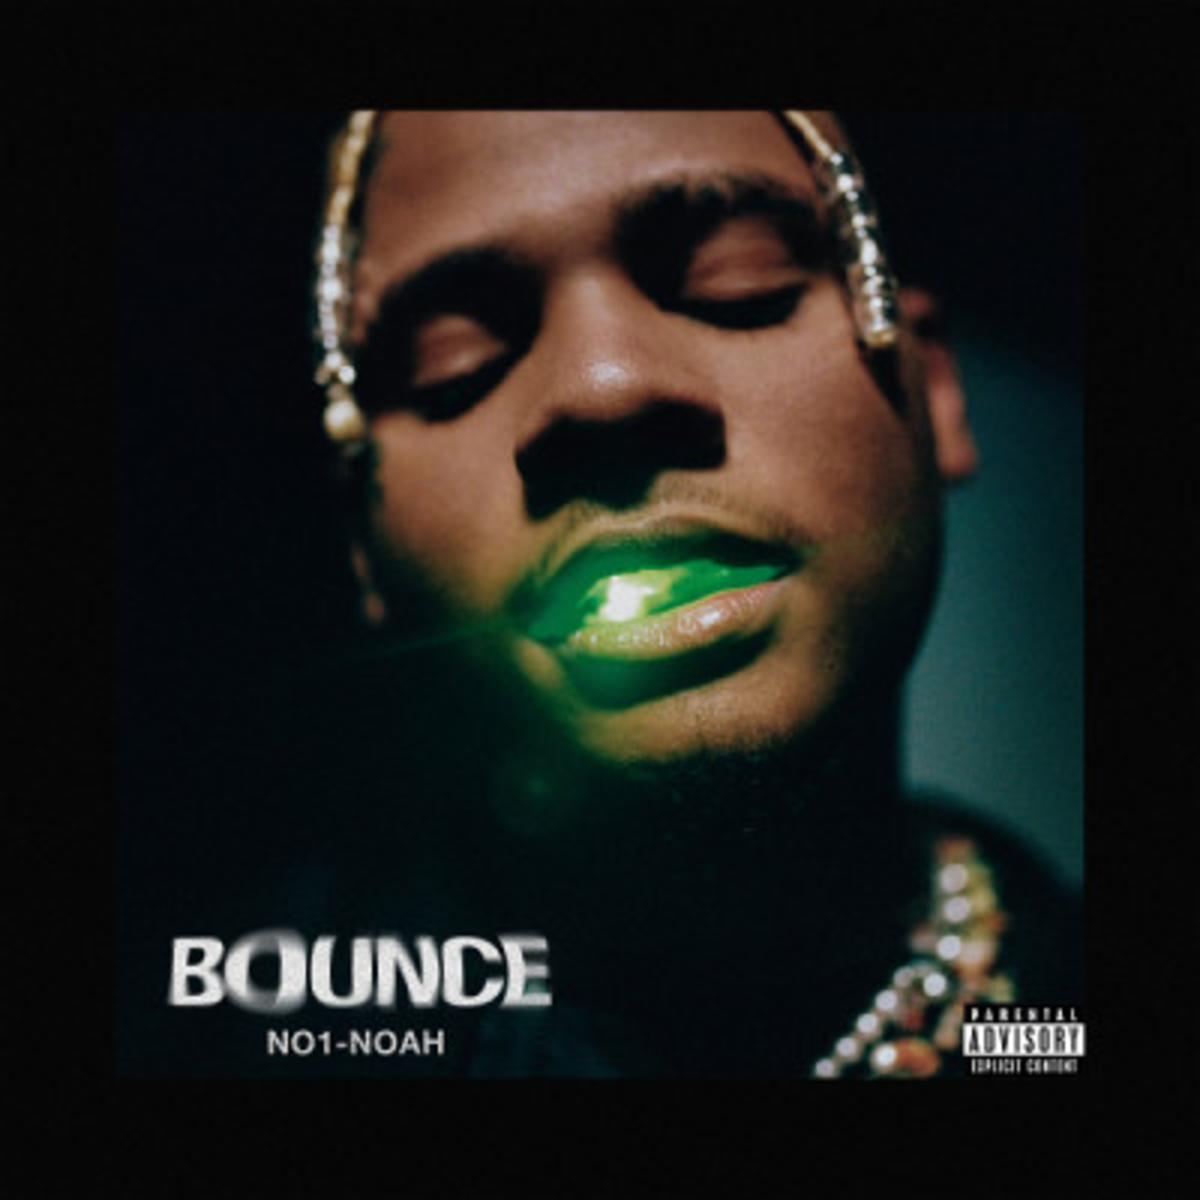 NO1-NOAH - Bounce